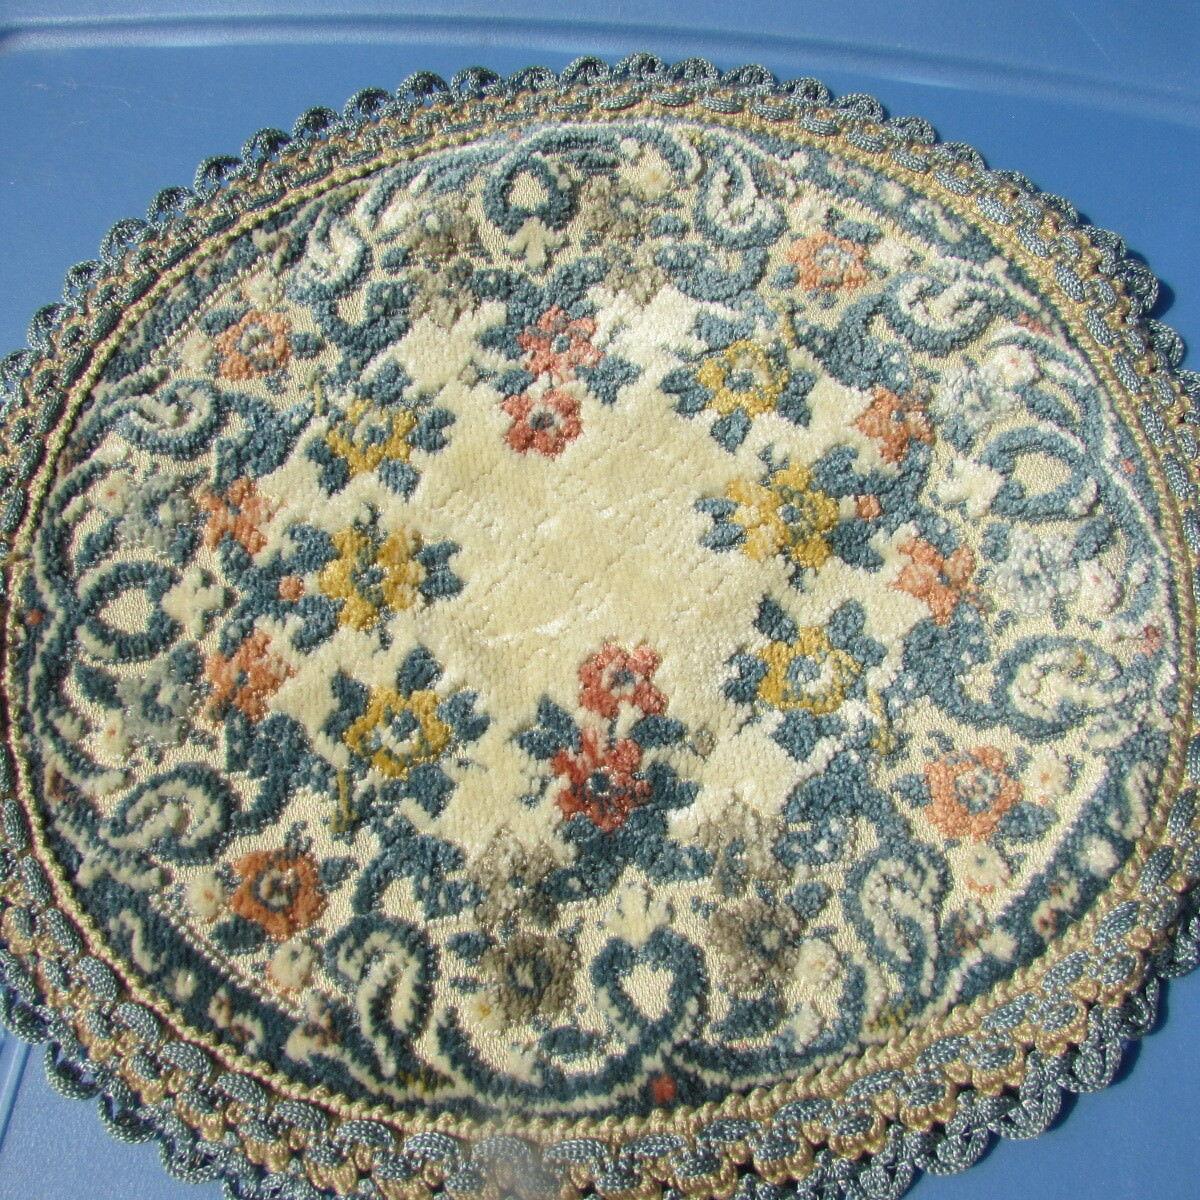 Casa De Muñecas Alfombra Tapiz terciopelo adornado Art Deco Floral Tejido Bélgica 9.5 Wedgwood